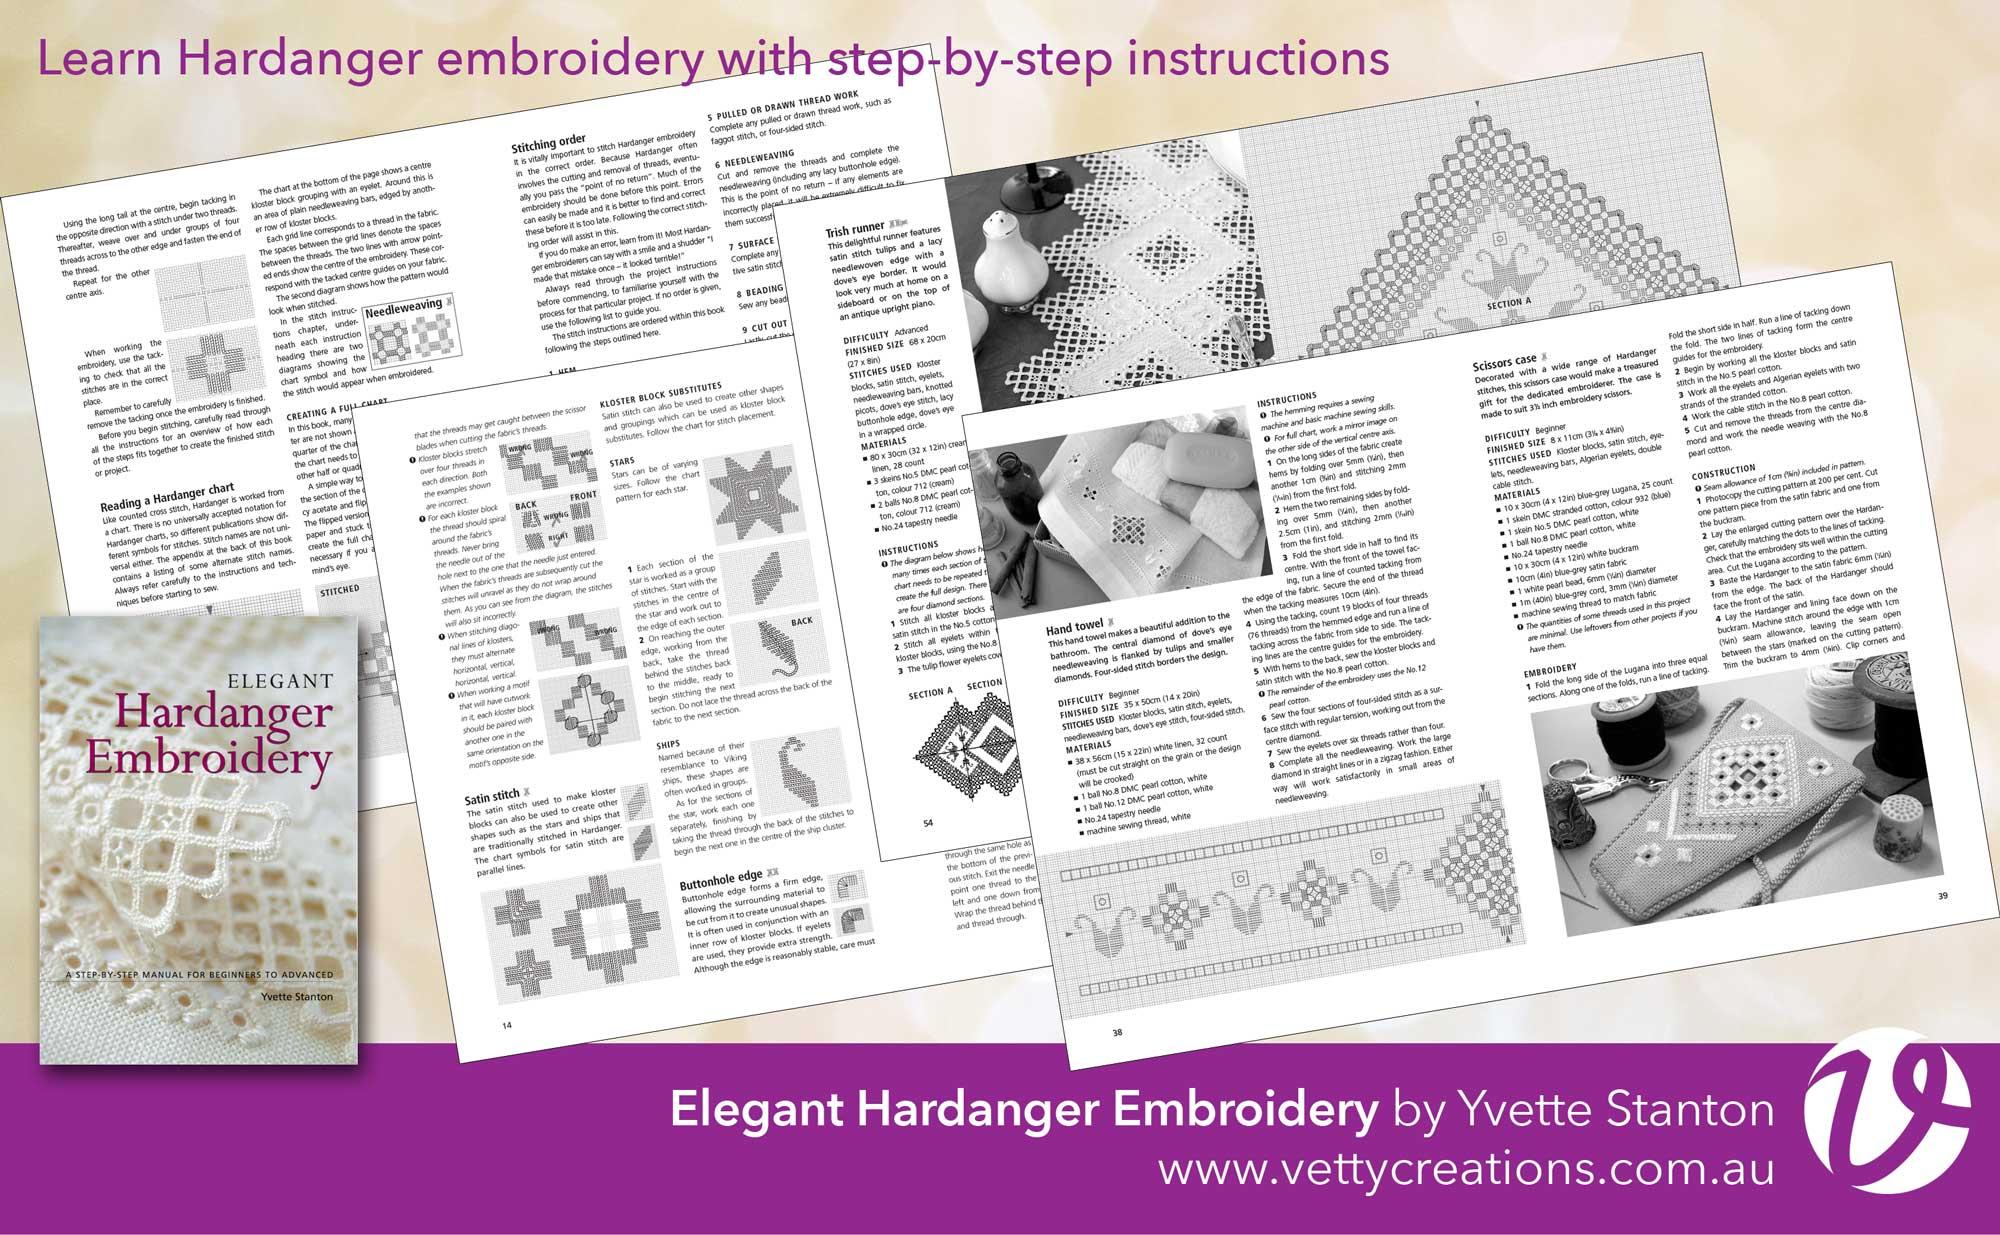 Elegant Hardanger Embroidery by Yvette Stanton